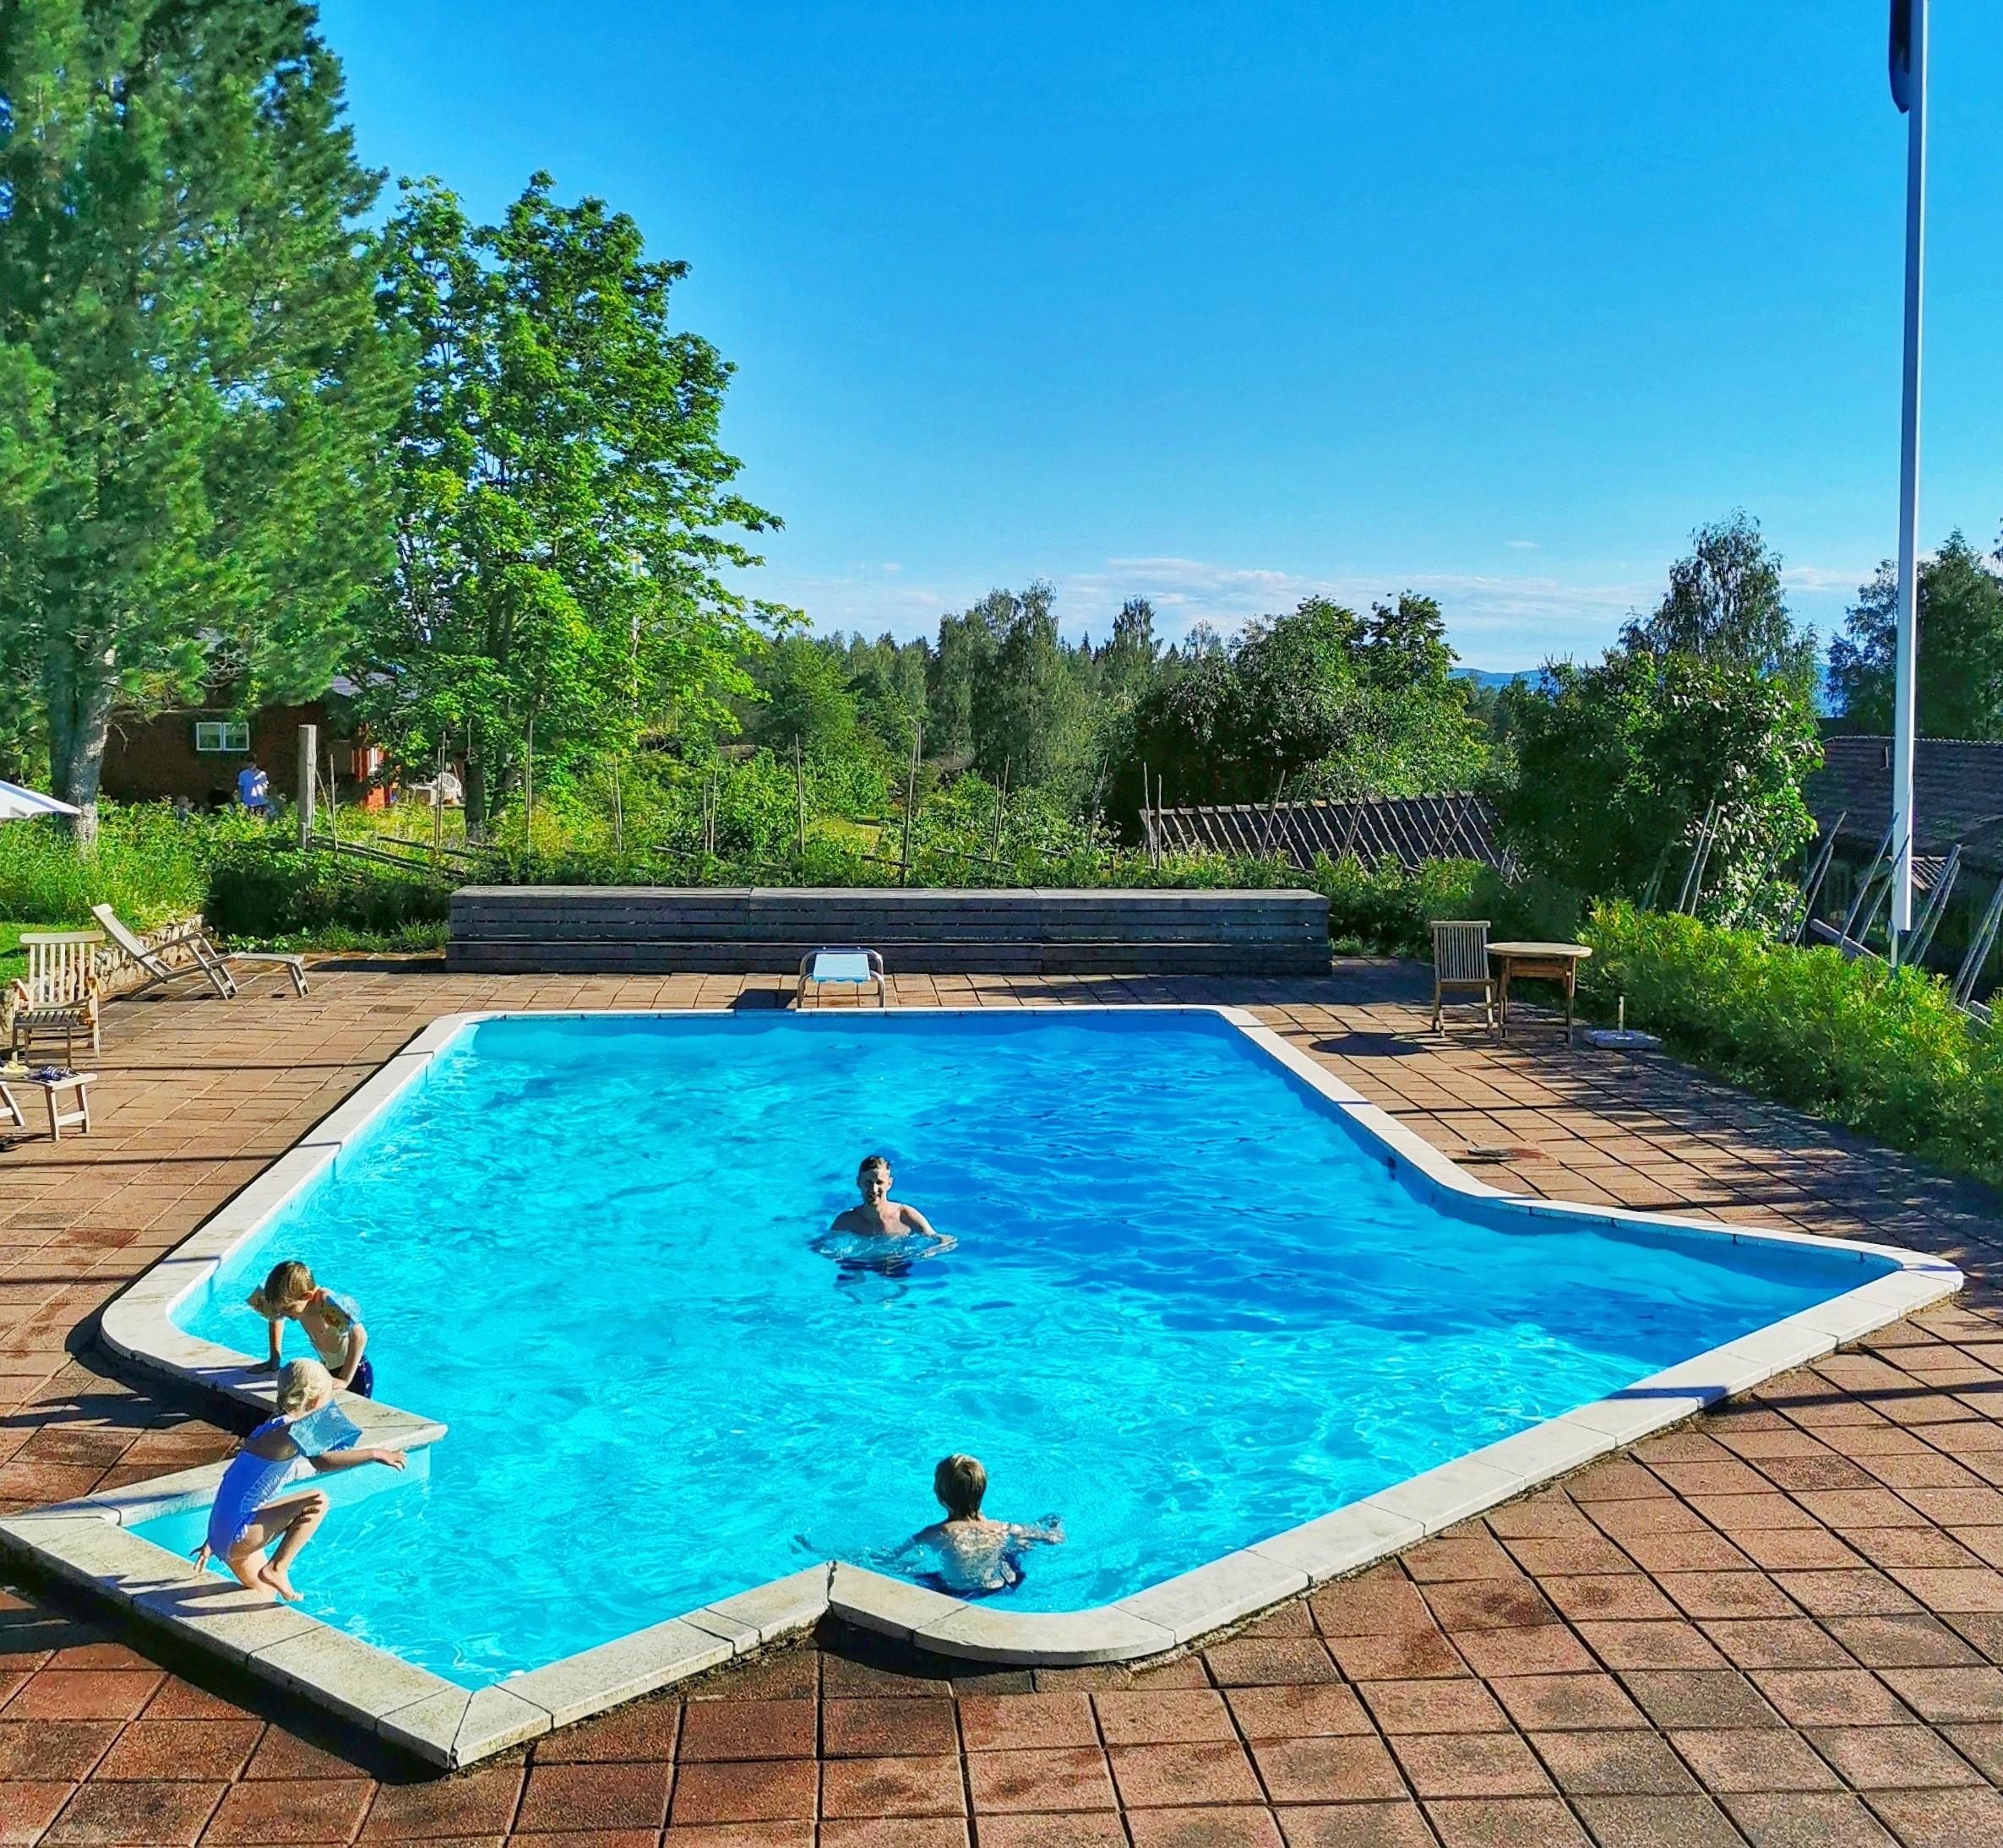 Familjevänligt hotell i Dalarna med pool